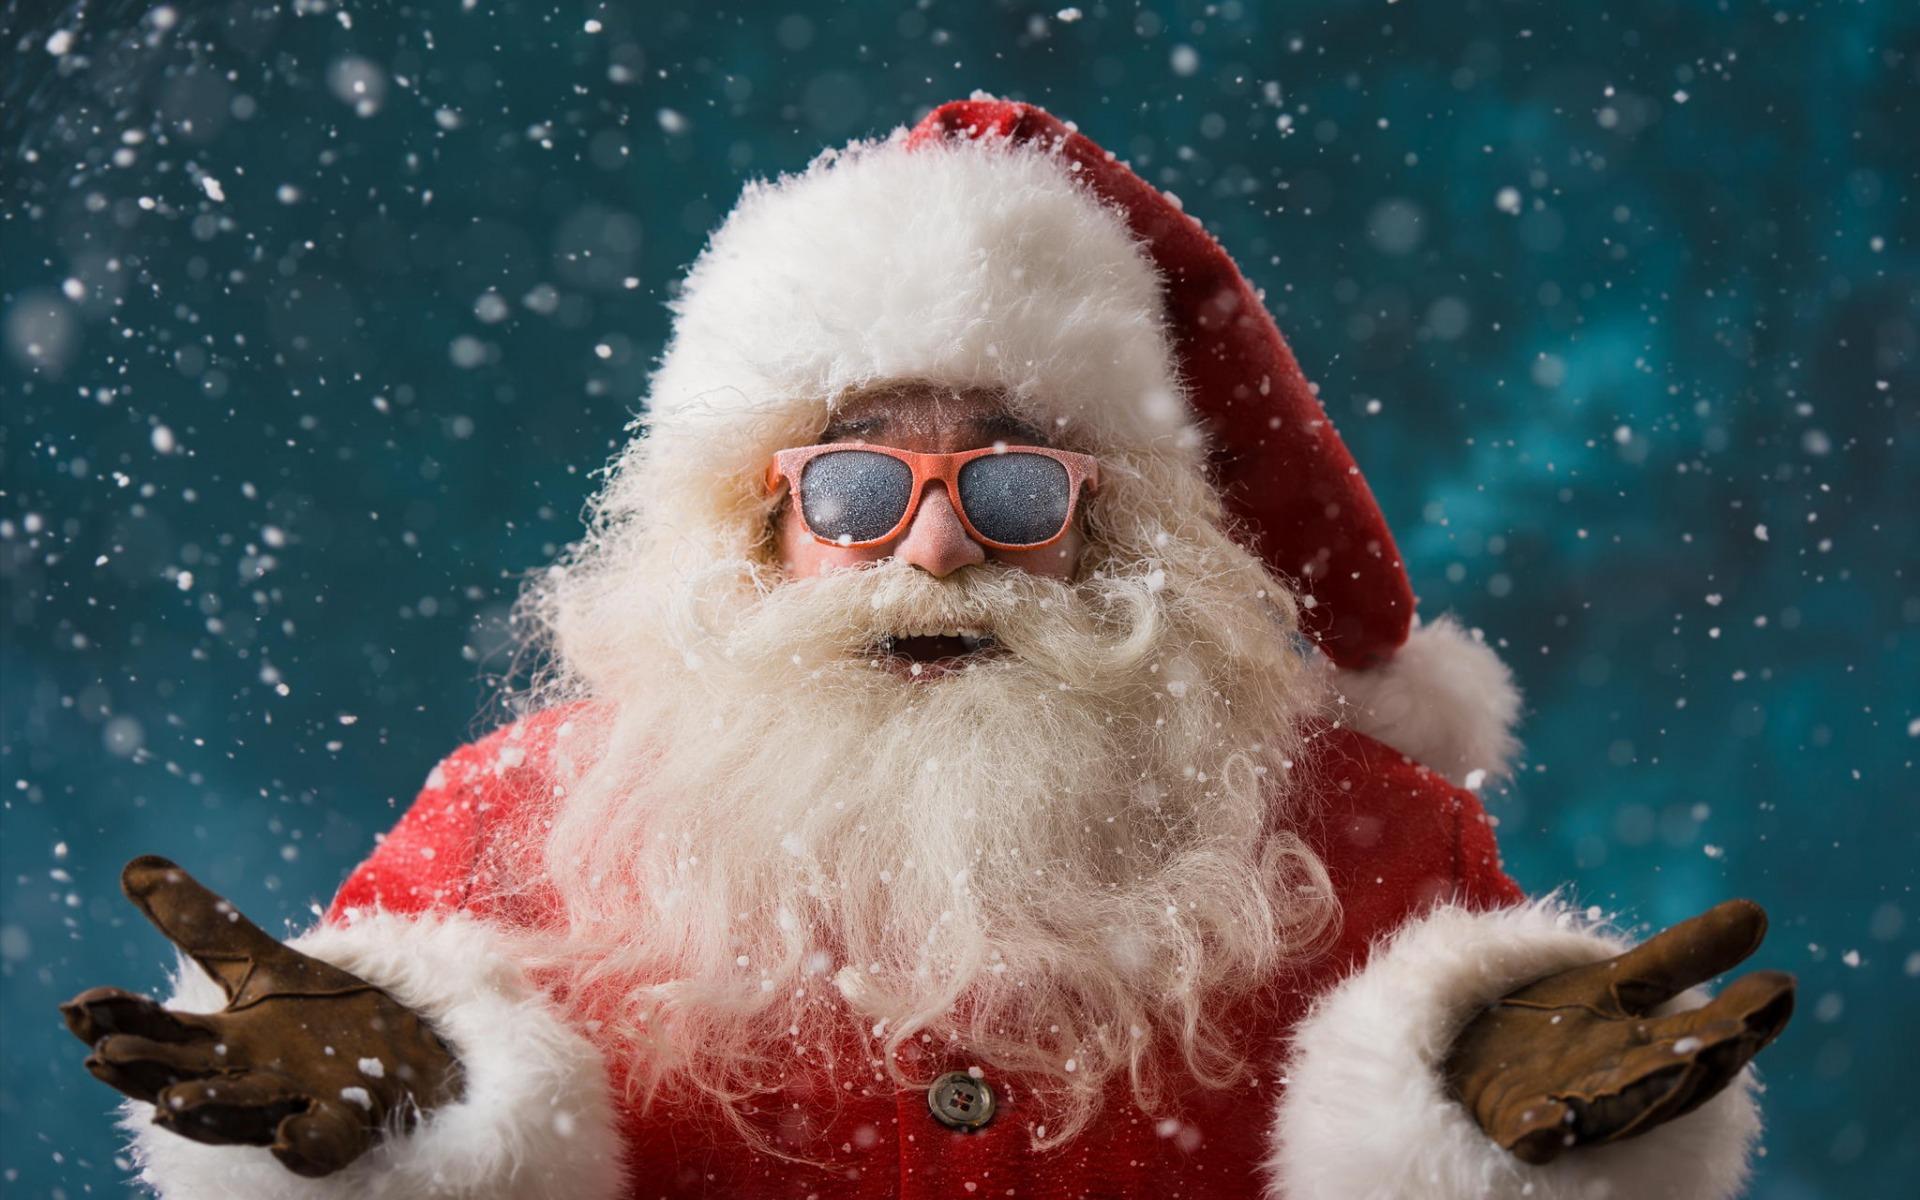 merry-christmas-xmas-5417